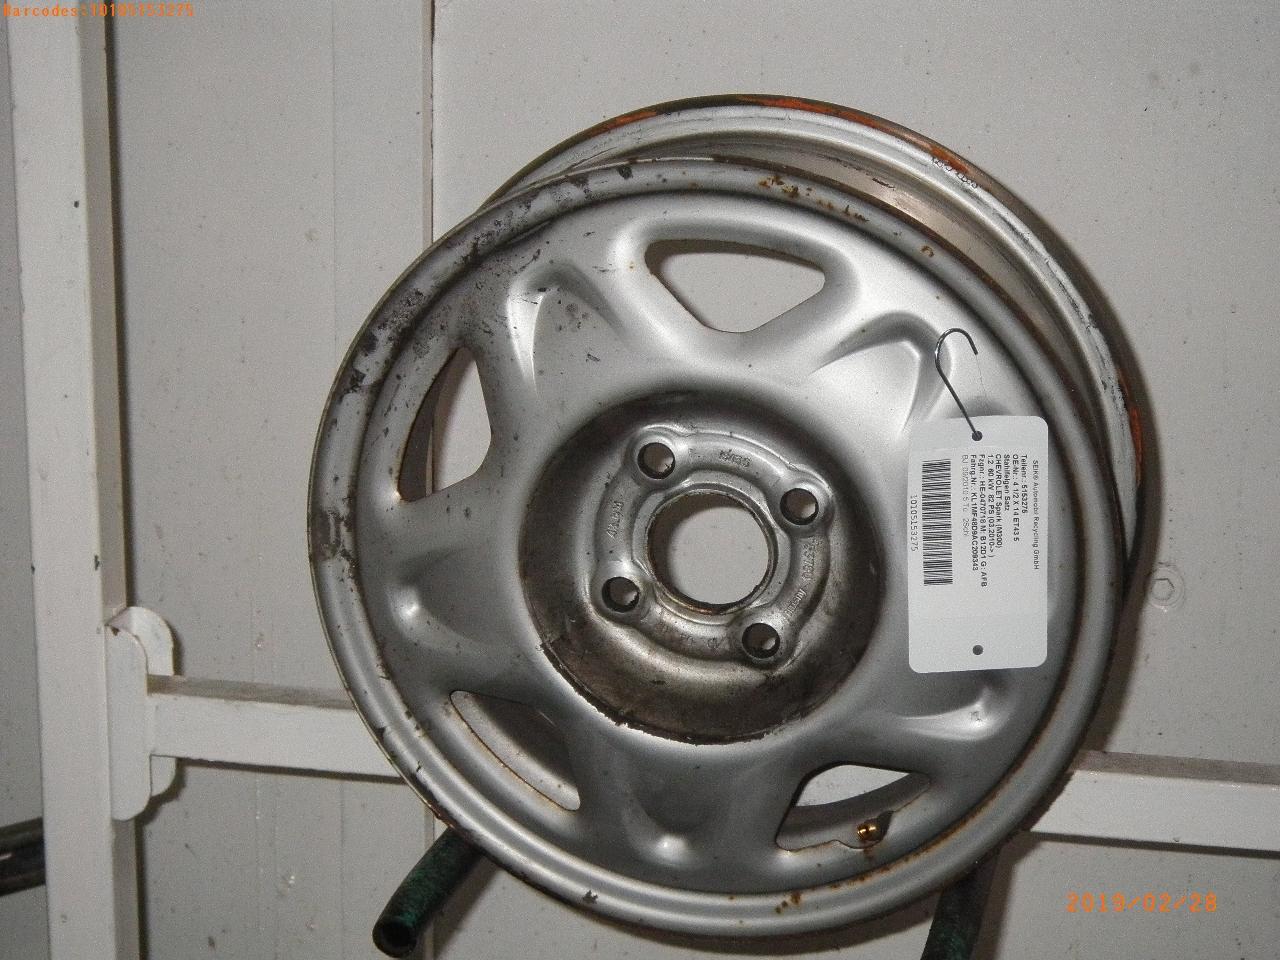 Jante Chevrolet Spark M300 1 2 4 1 2 X 14 Et43 5 Sonstige 1 Satz 4 Stk B Parts